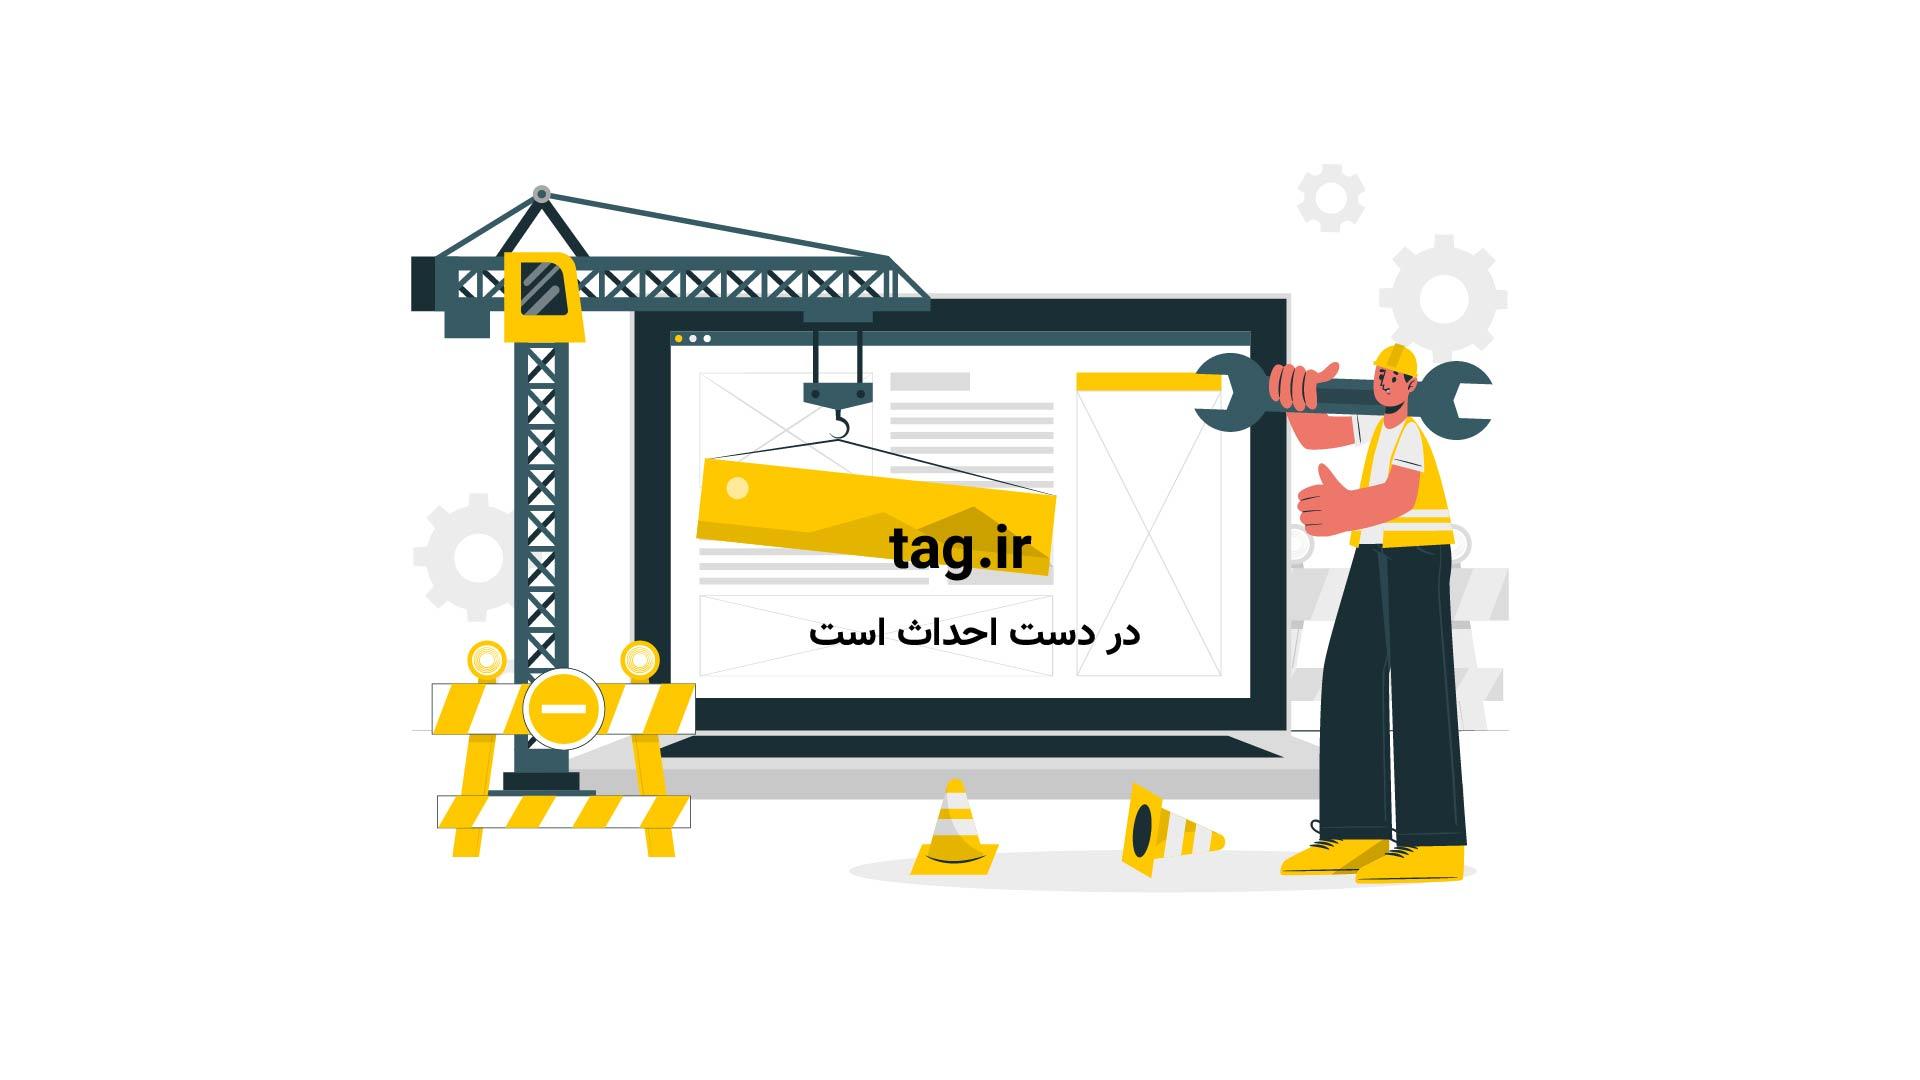 عناوین روزنامههای اقتصادی چهارشنبه 15 شهریور | فیلم